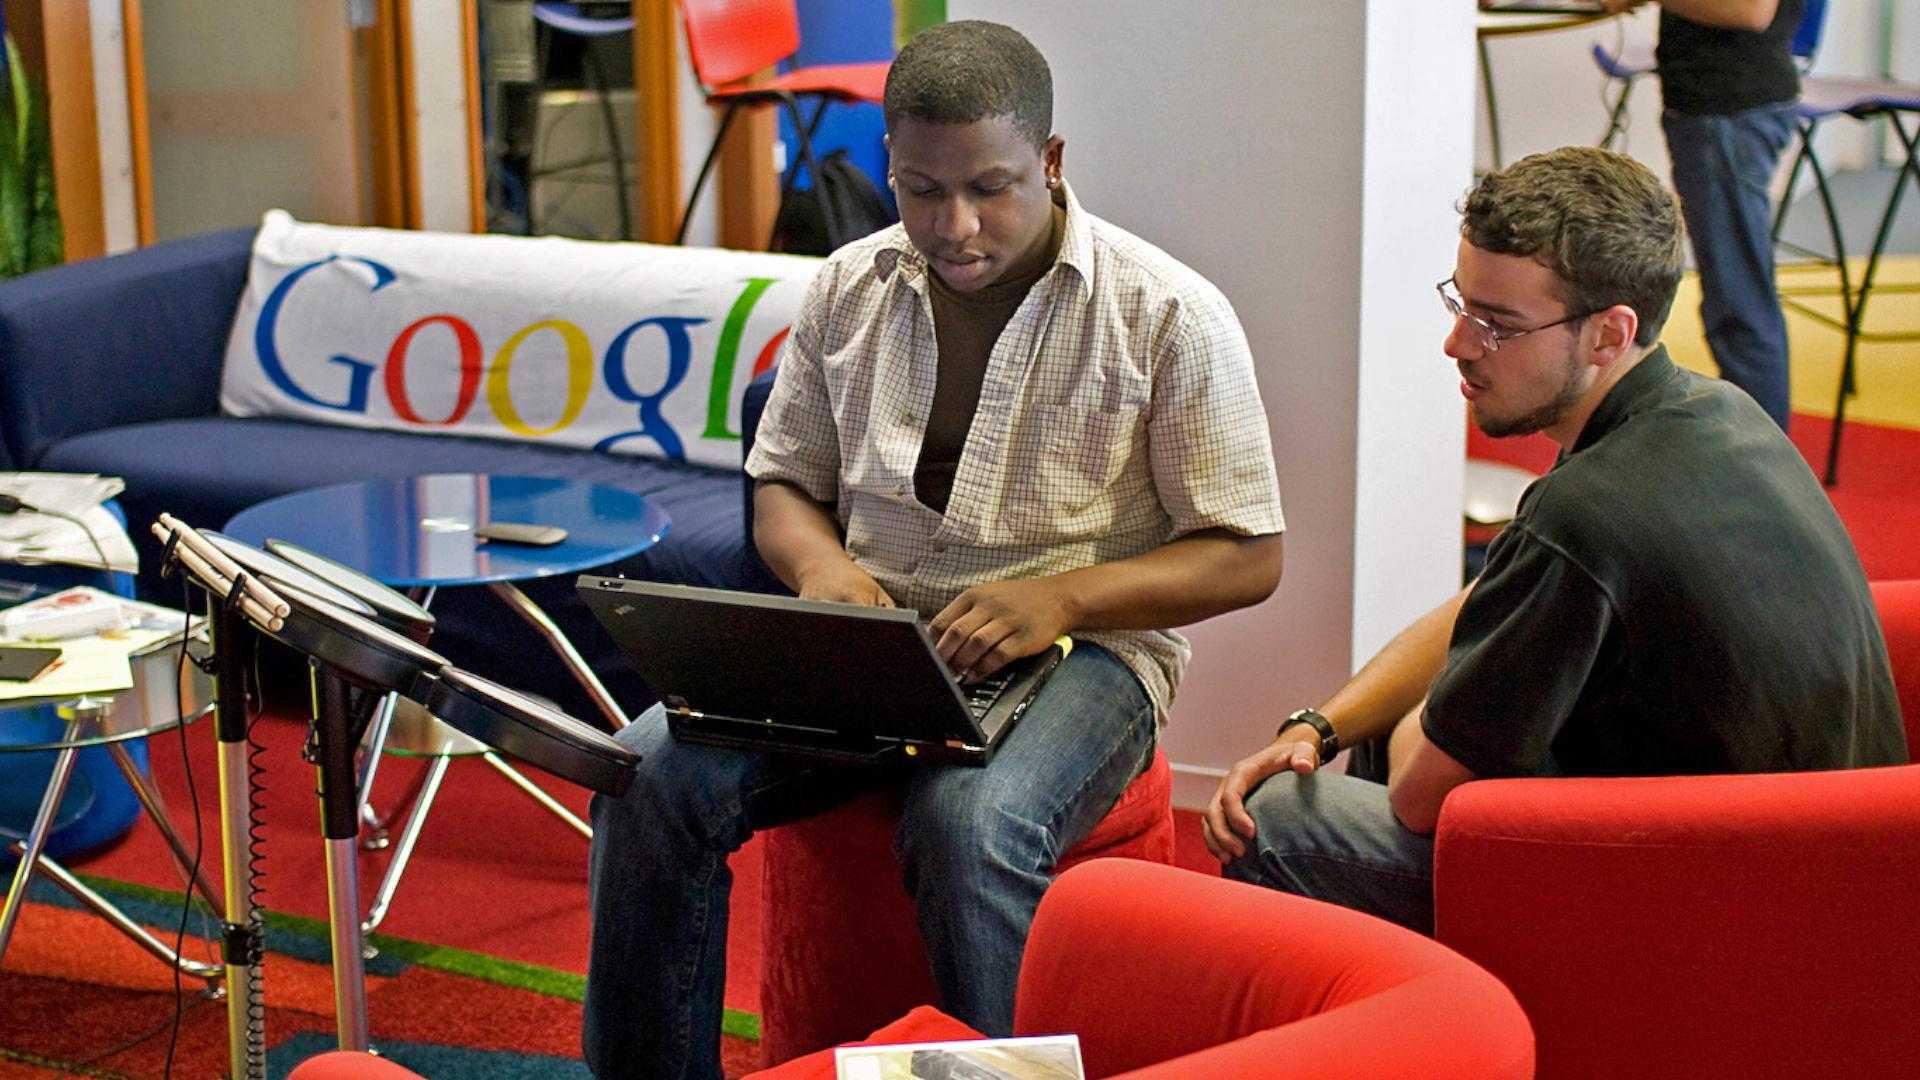 Некоторые google pixel 5 разваливаются в руках пользователей. кто виноват? - androidinsider.ru